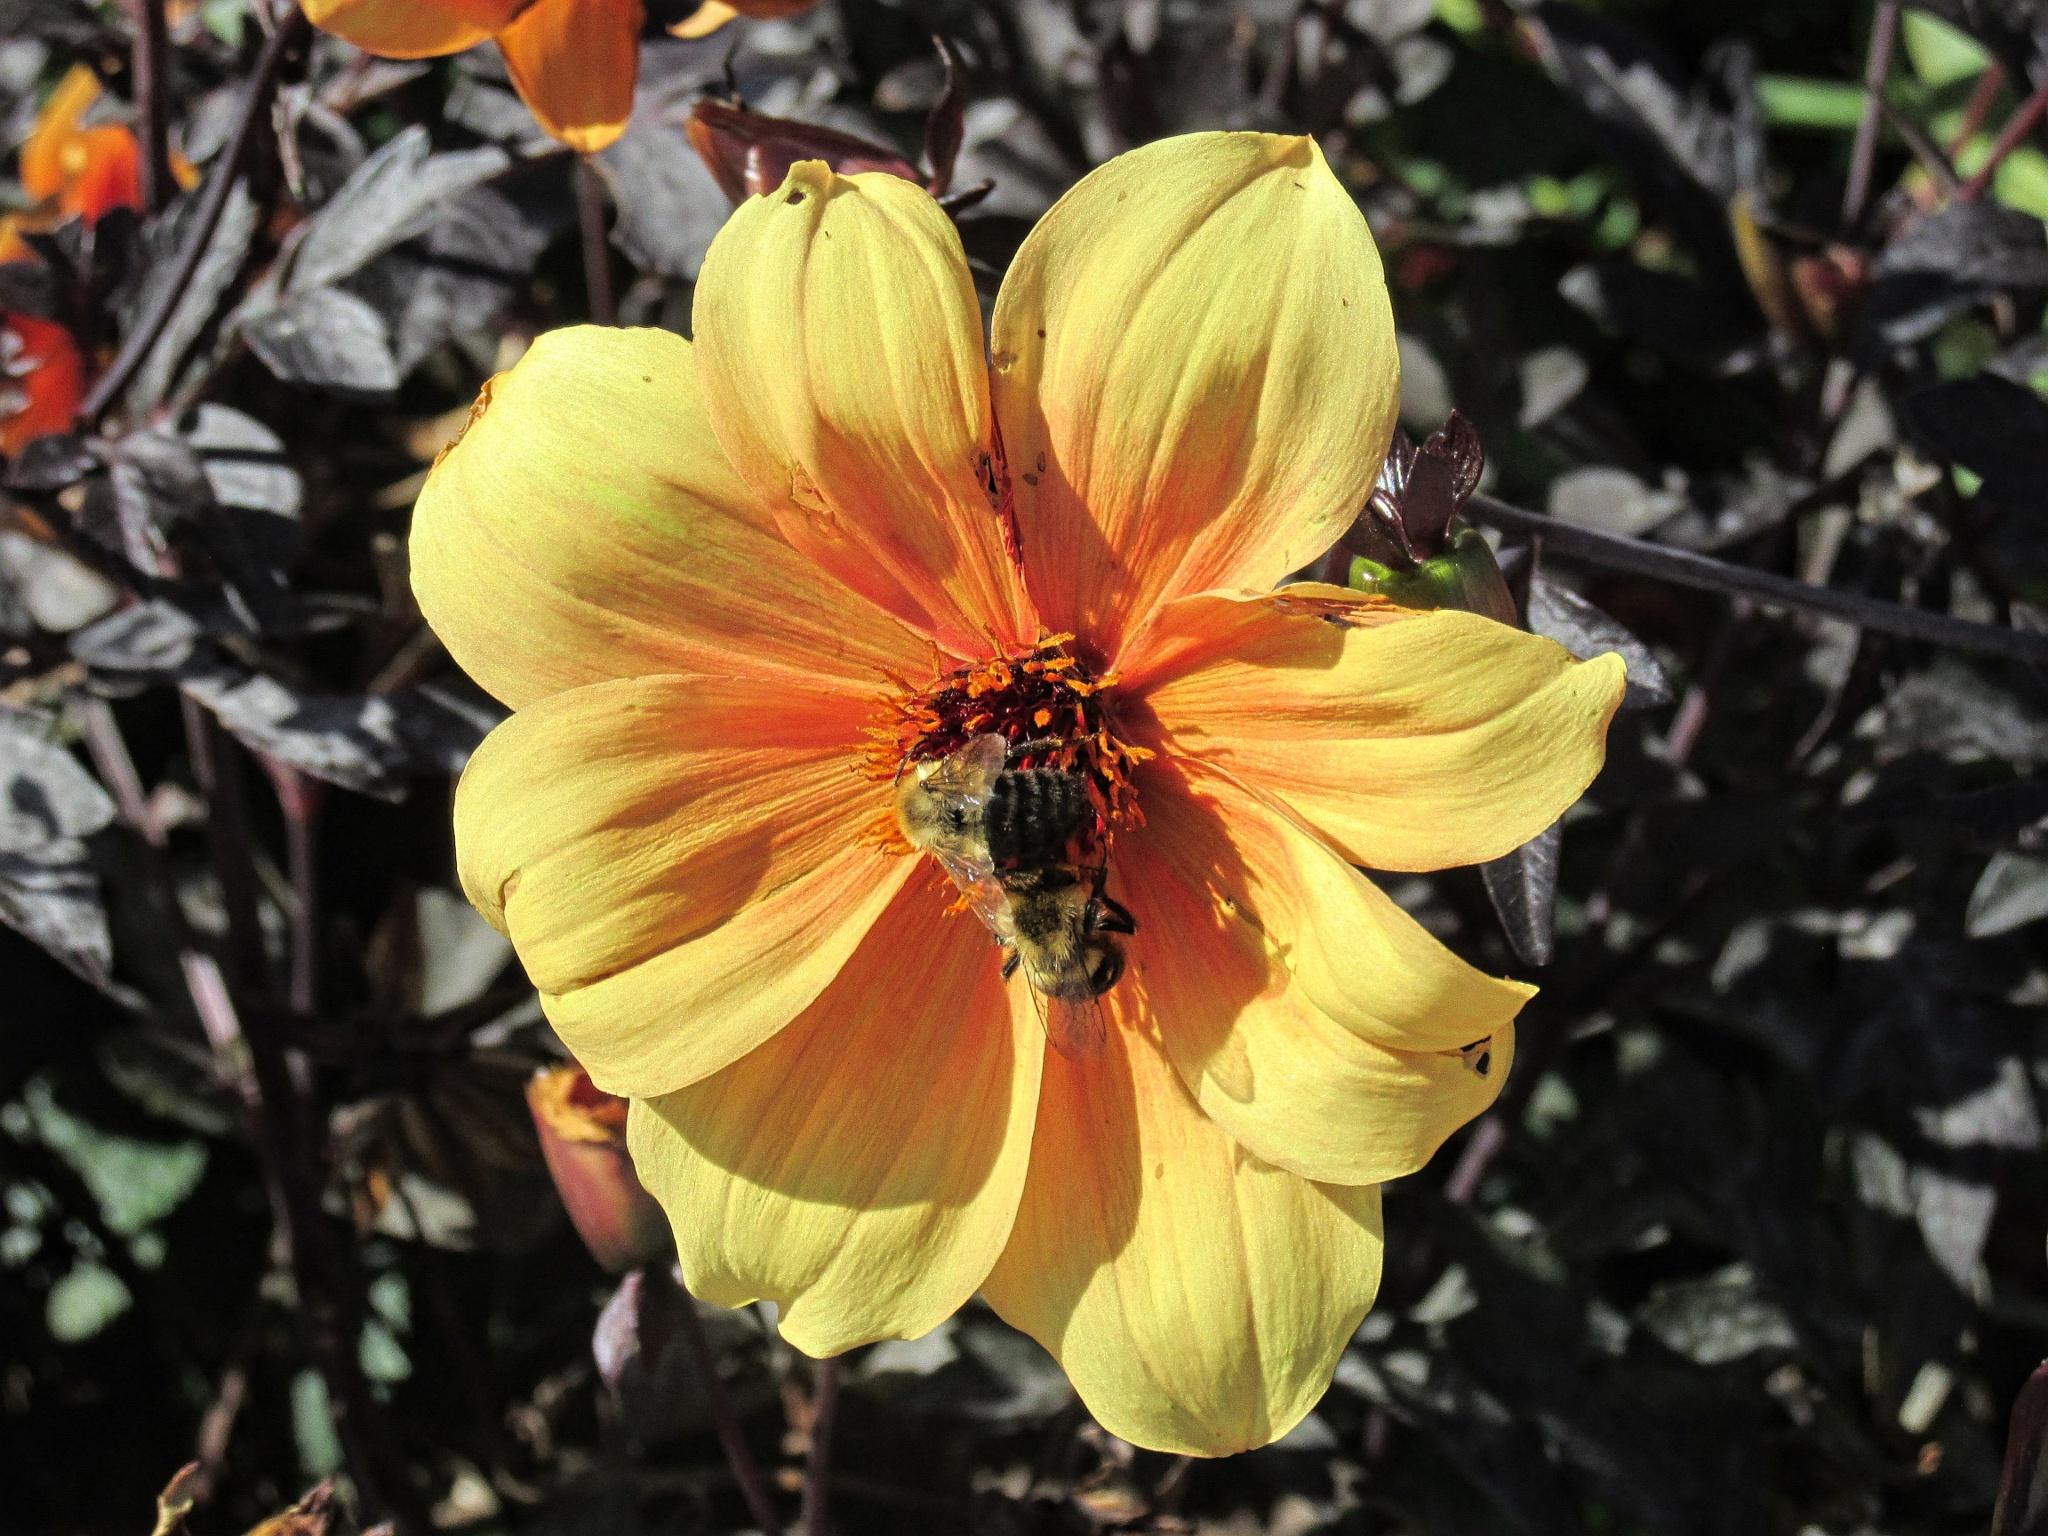 Autumn Pollination by gayle.wolfemartinez